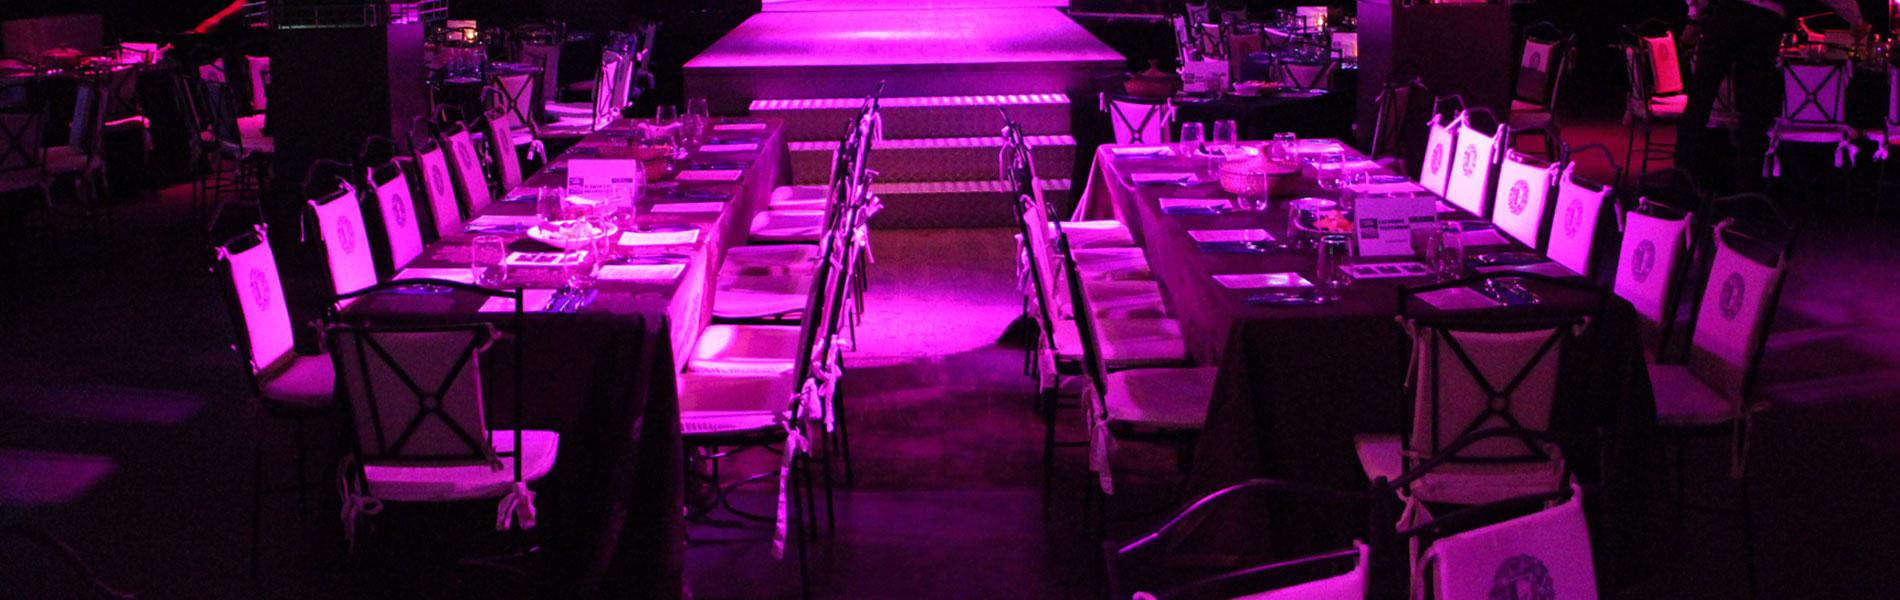 Cena en Nuestros restaurantes | Nochevieja 2014 - 2015